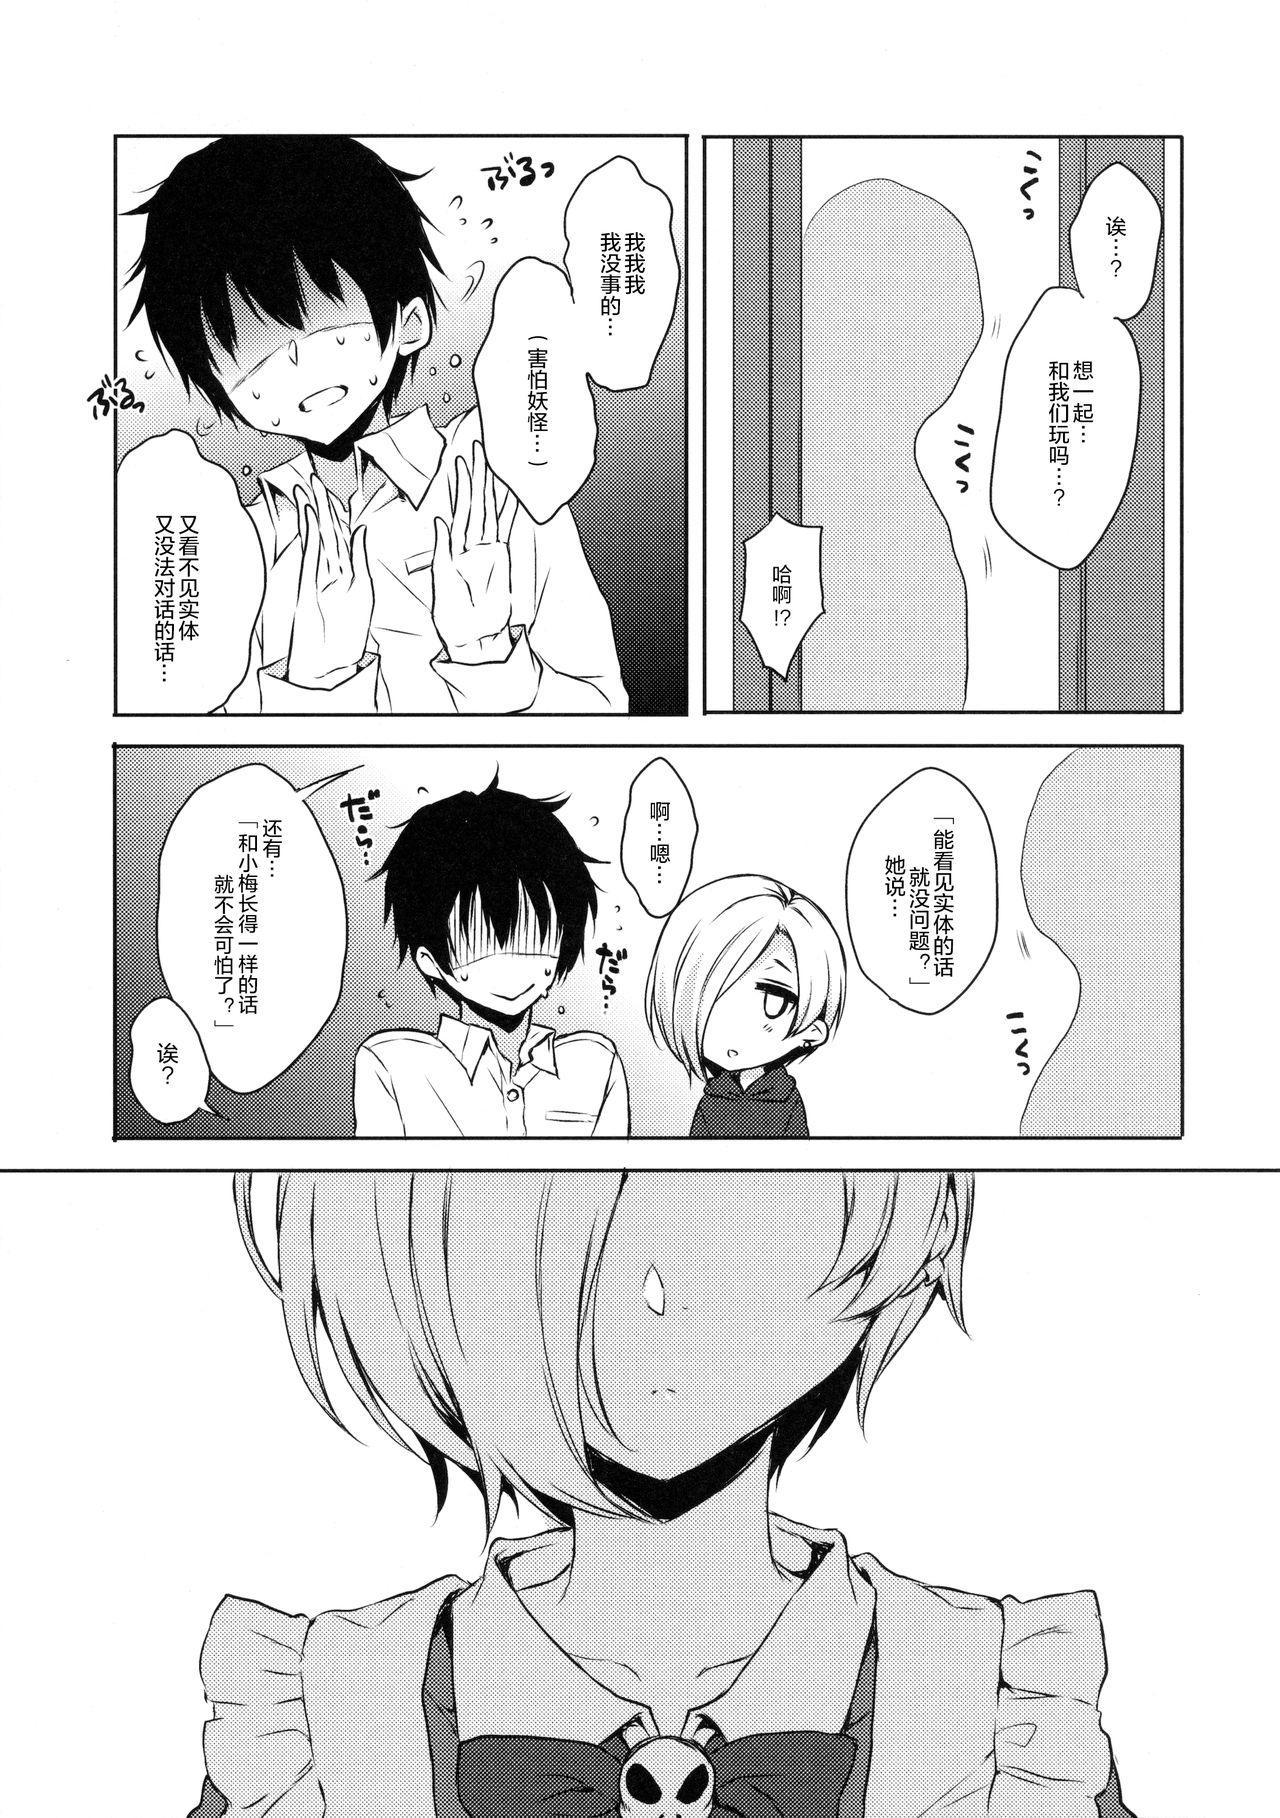 Koume-chan to Anoko to Nagasaresex 4